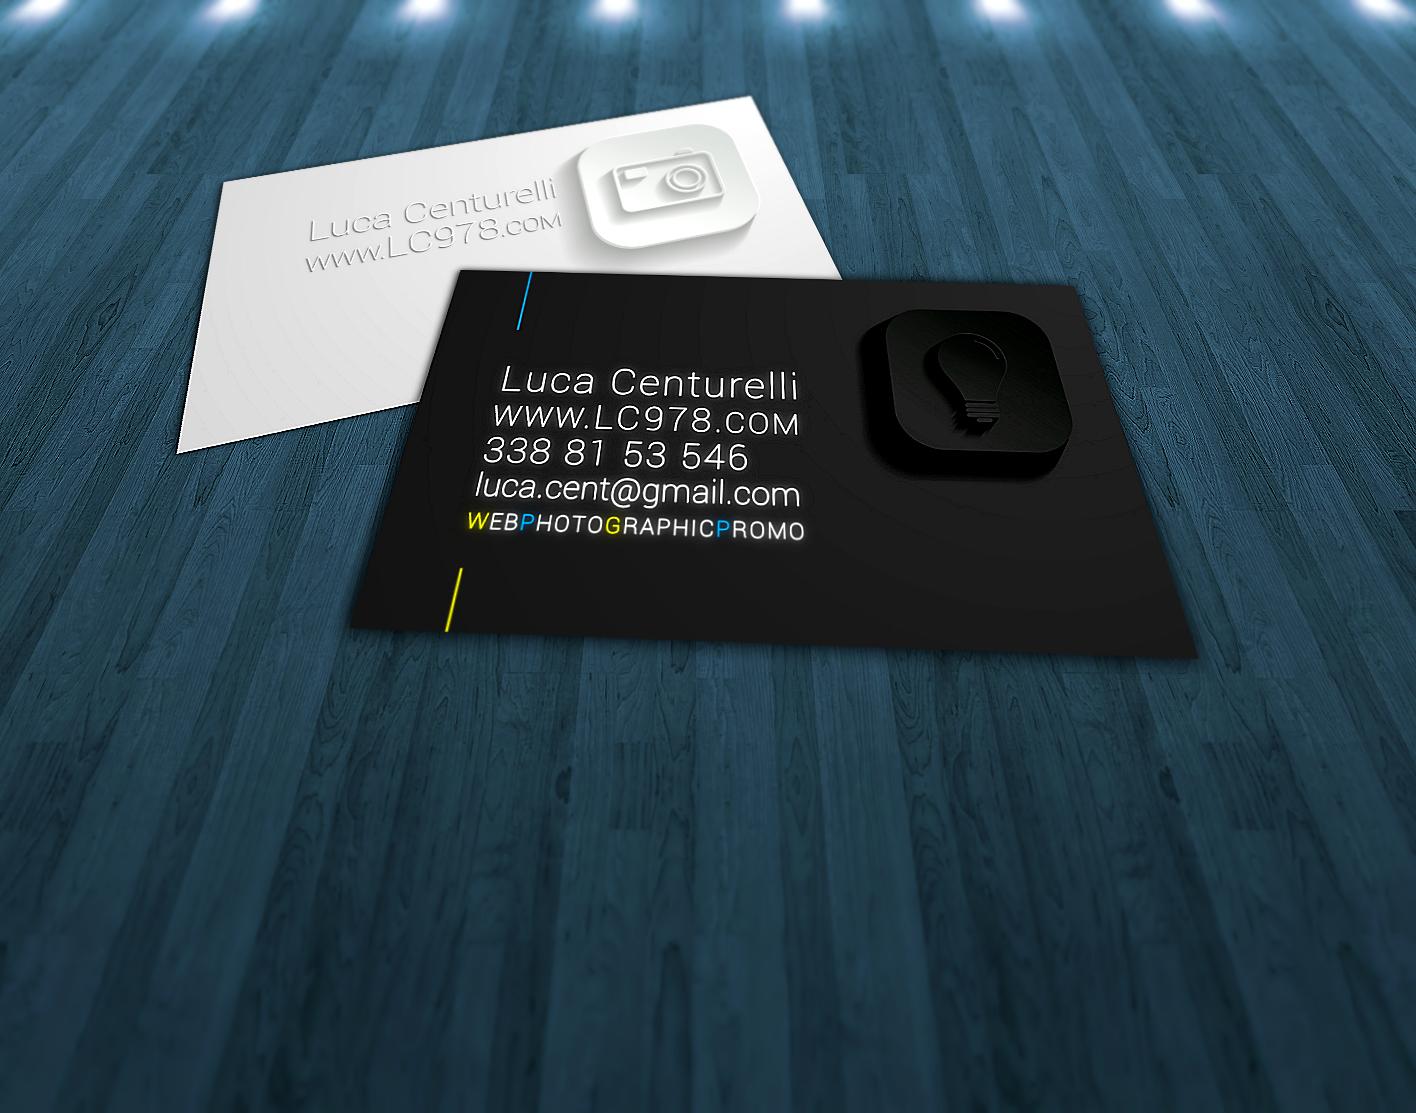 Estremamente ideazione e stampa biglietti da visita per fotografo | Luca Centurelli EH83